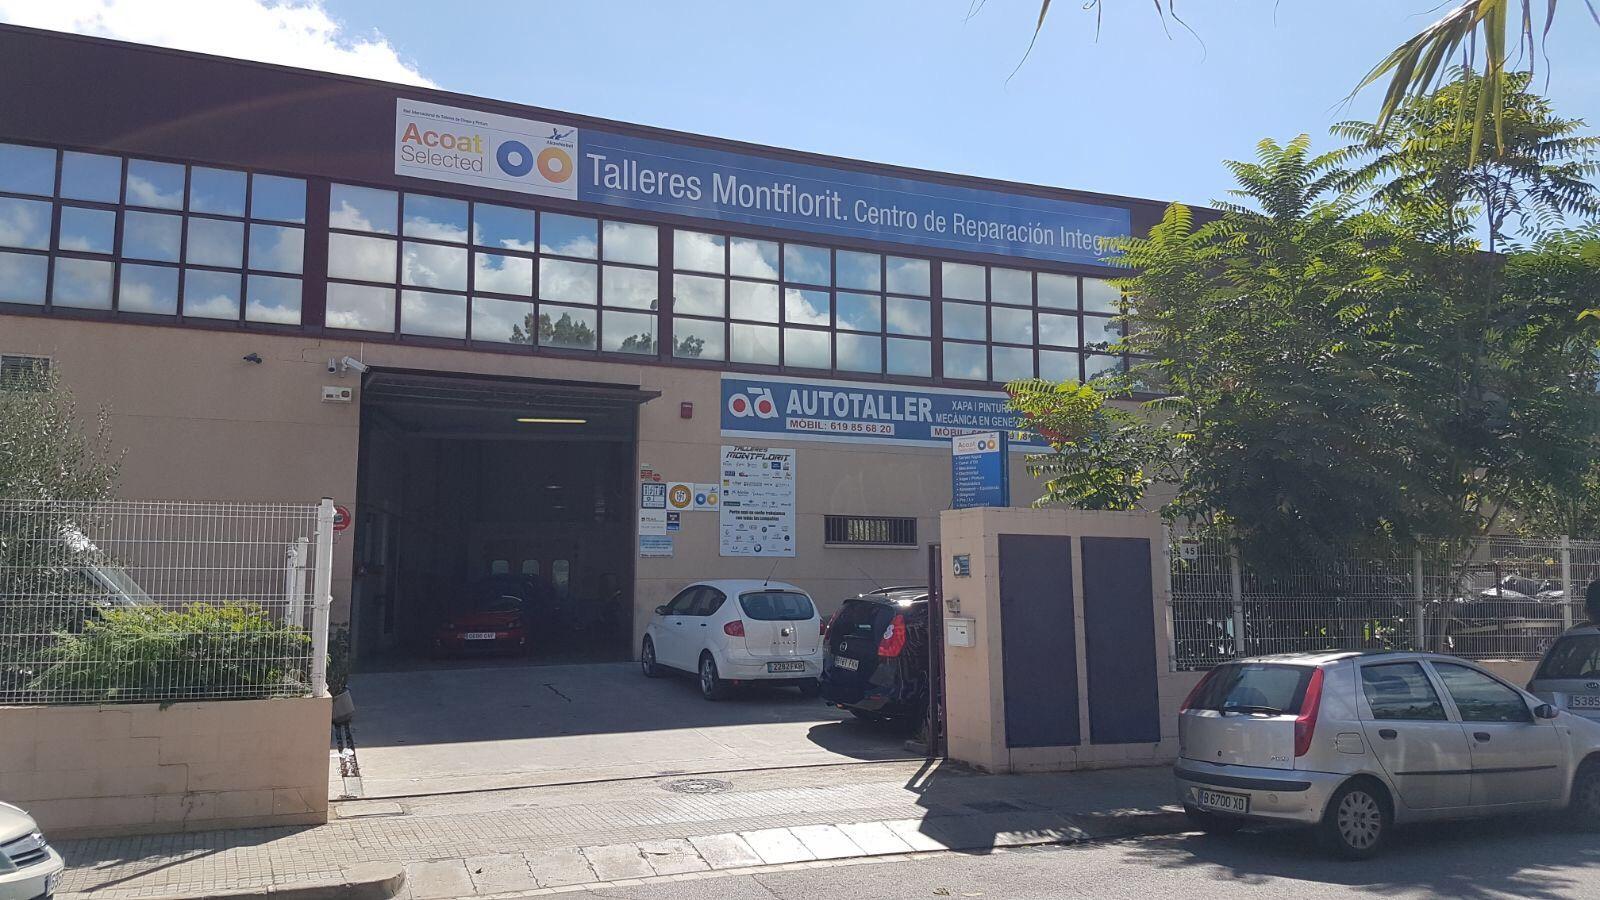 Taller de reparación del automóvil en Gavà, Barcelona